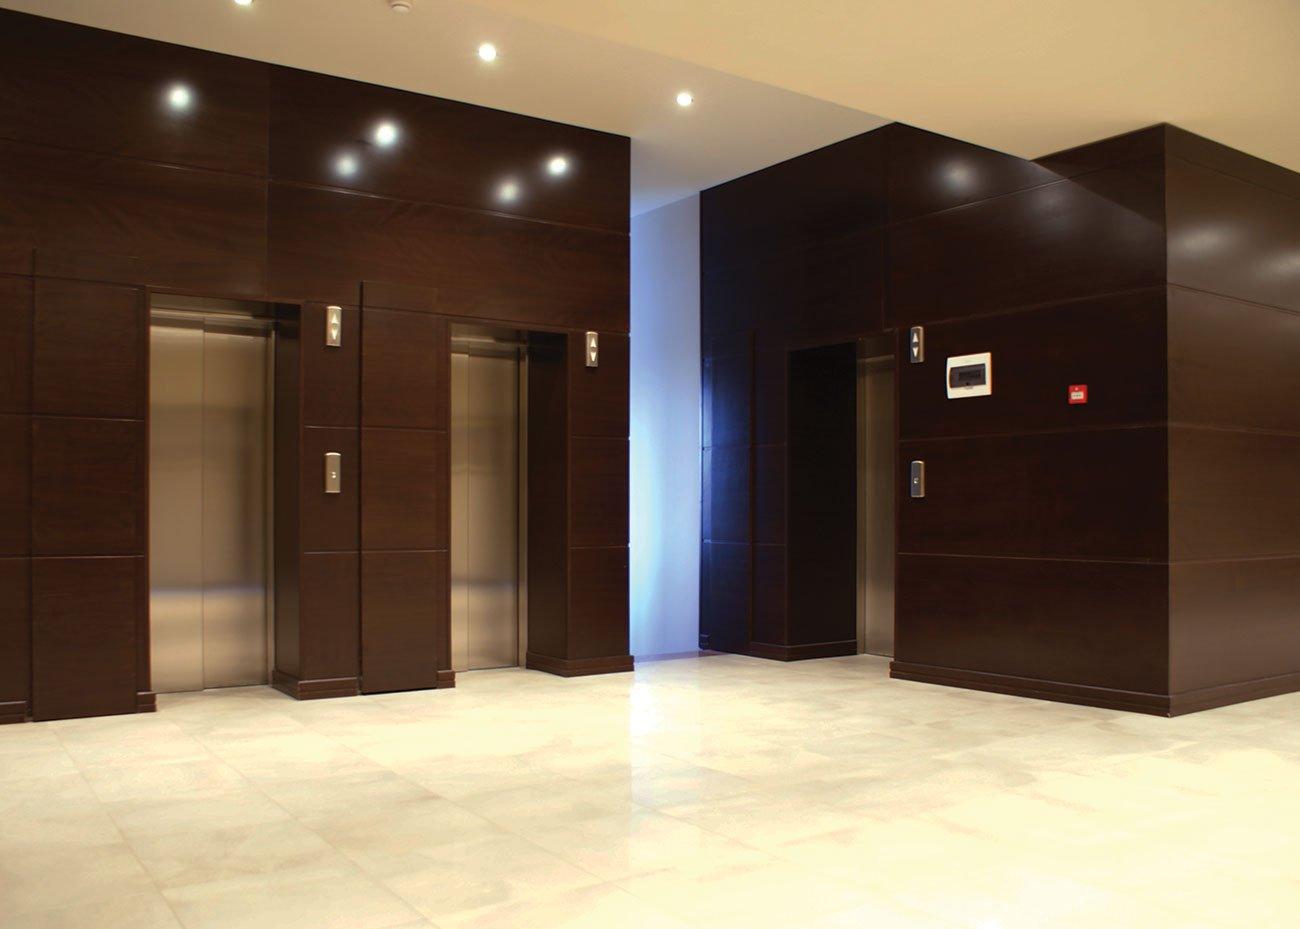 холл со входами в офисы и кабинеты в ЭРЕБУНИ ПЛАЗА Бизнес центр класса люкс